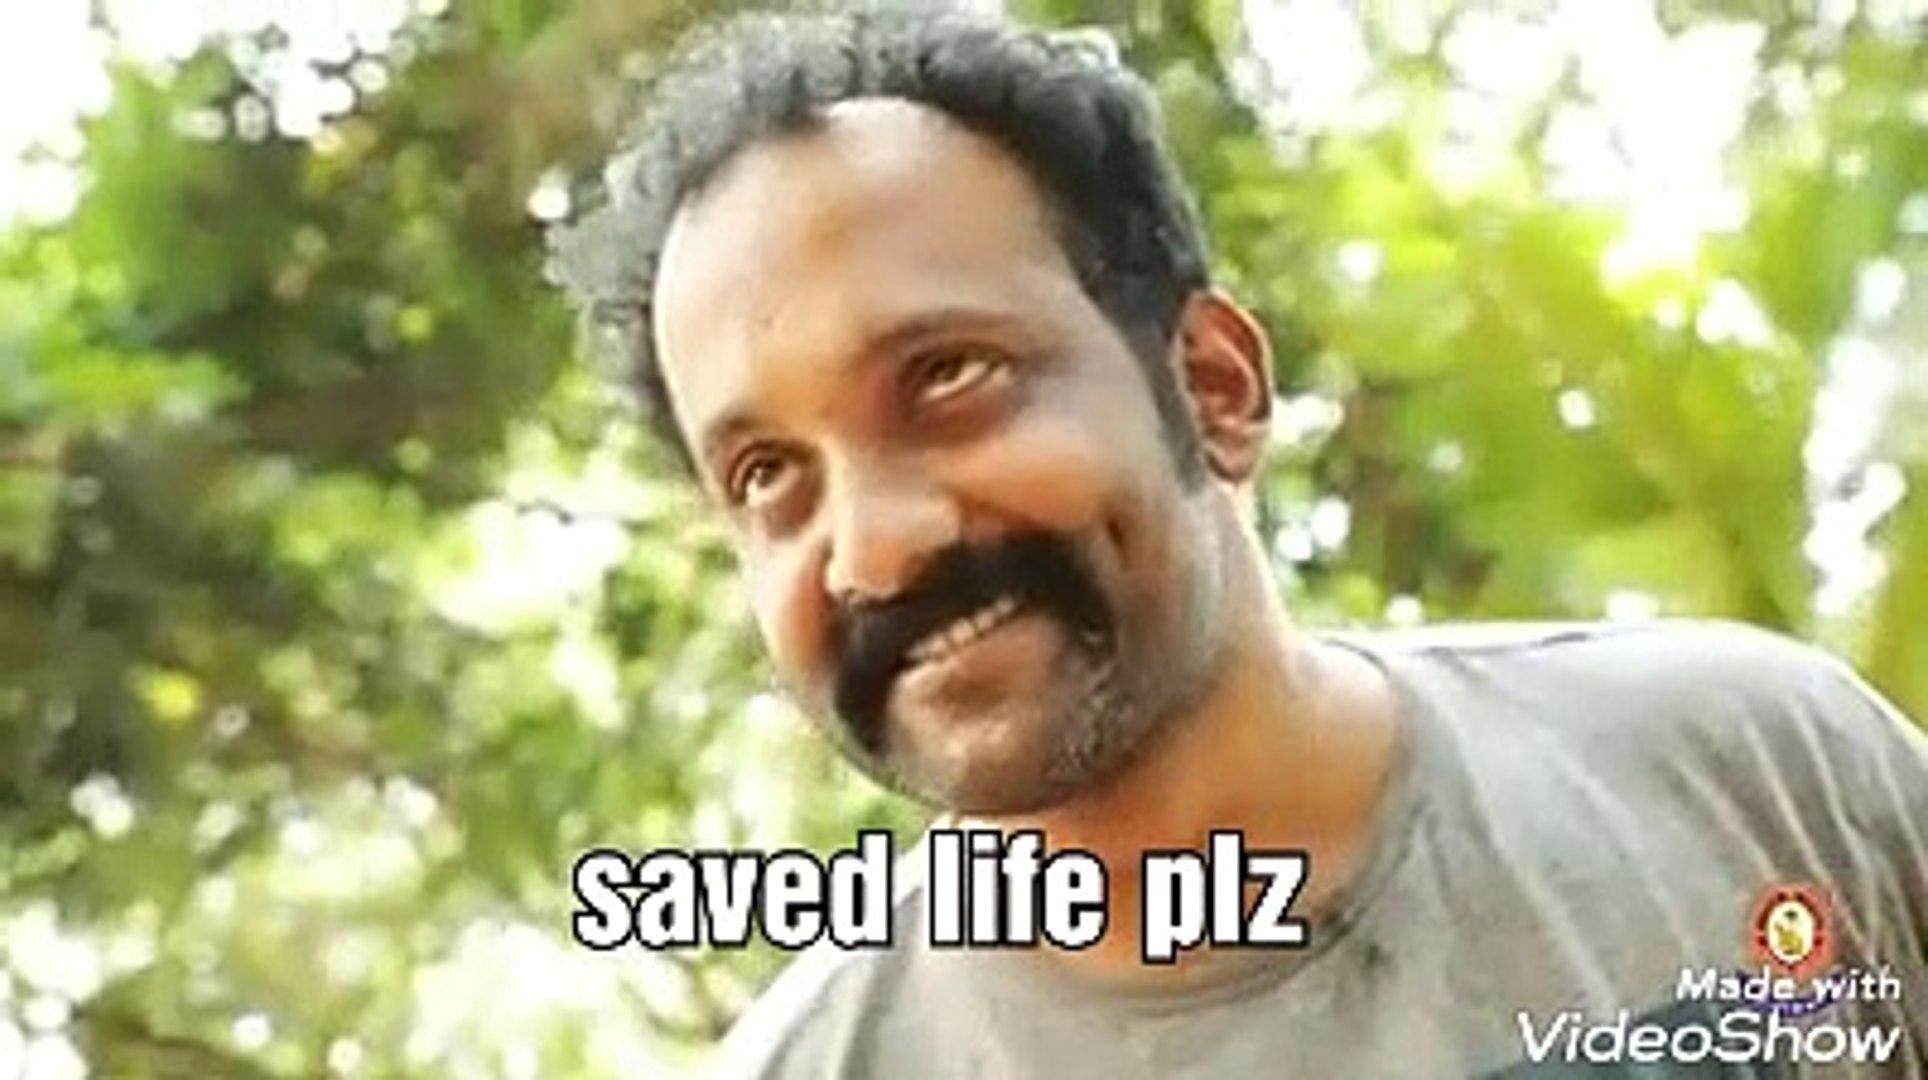 Corona life saved life